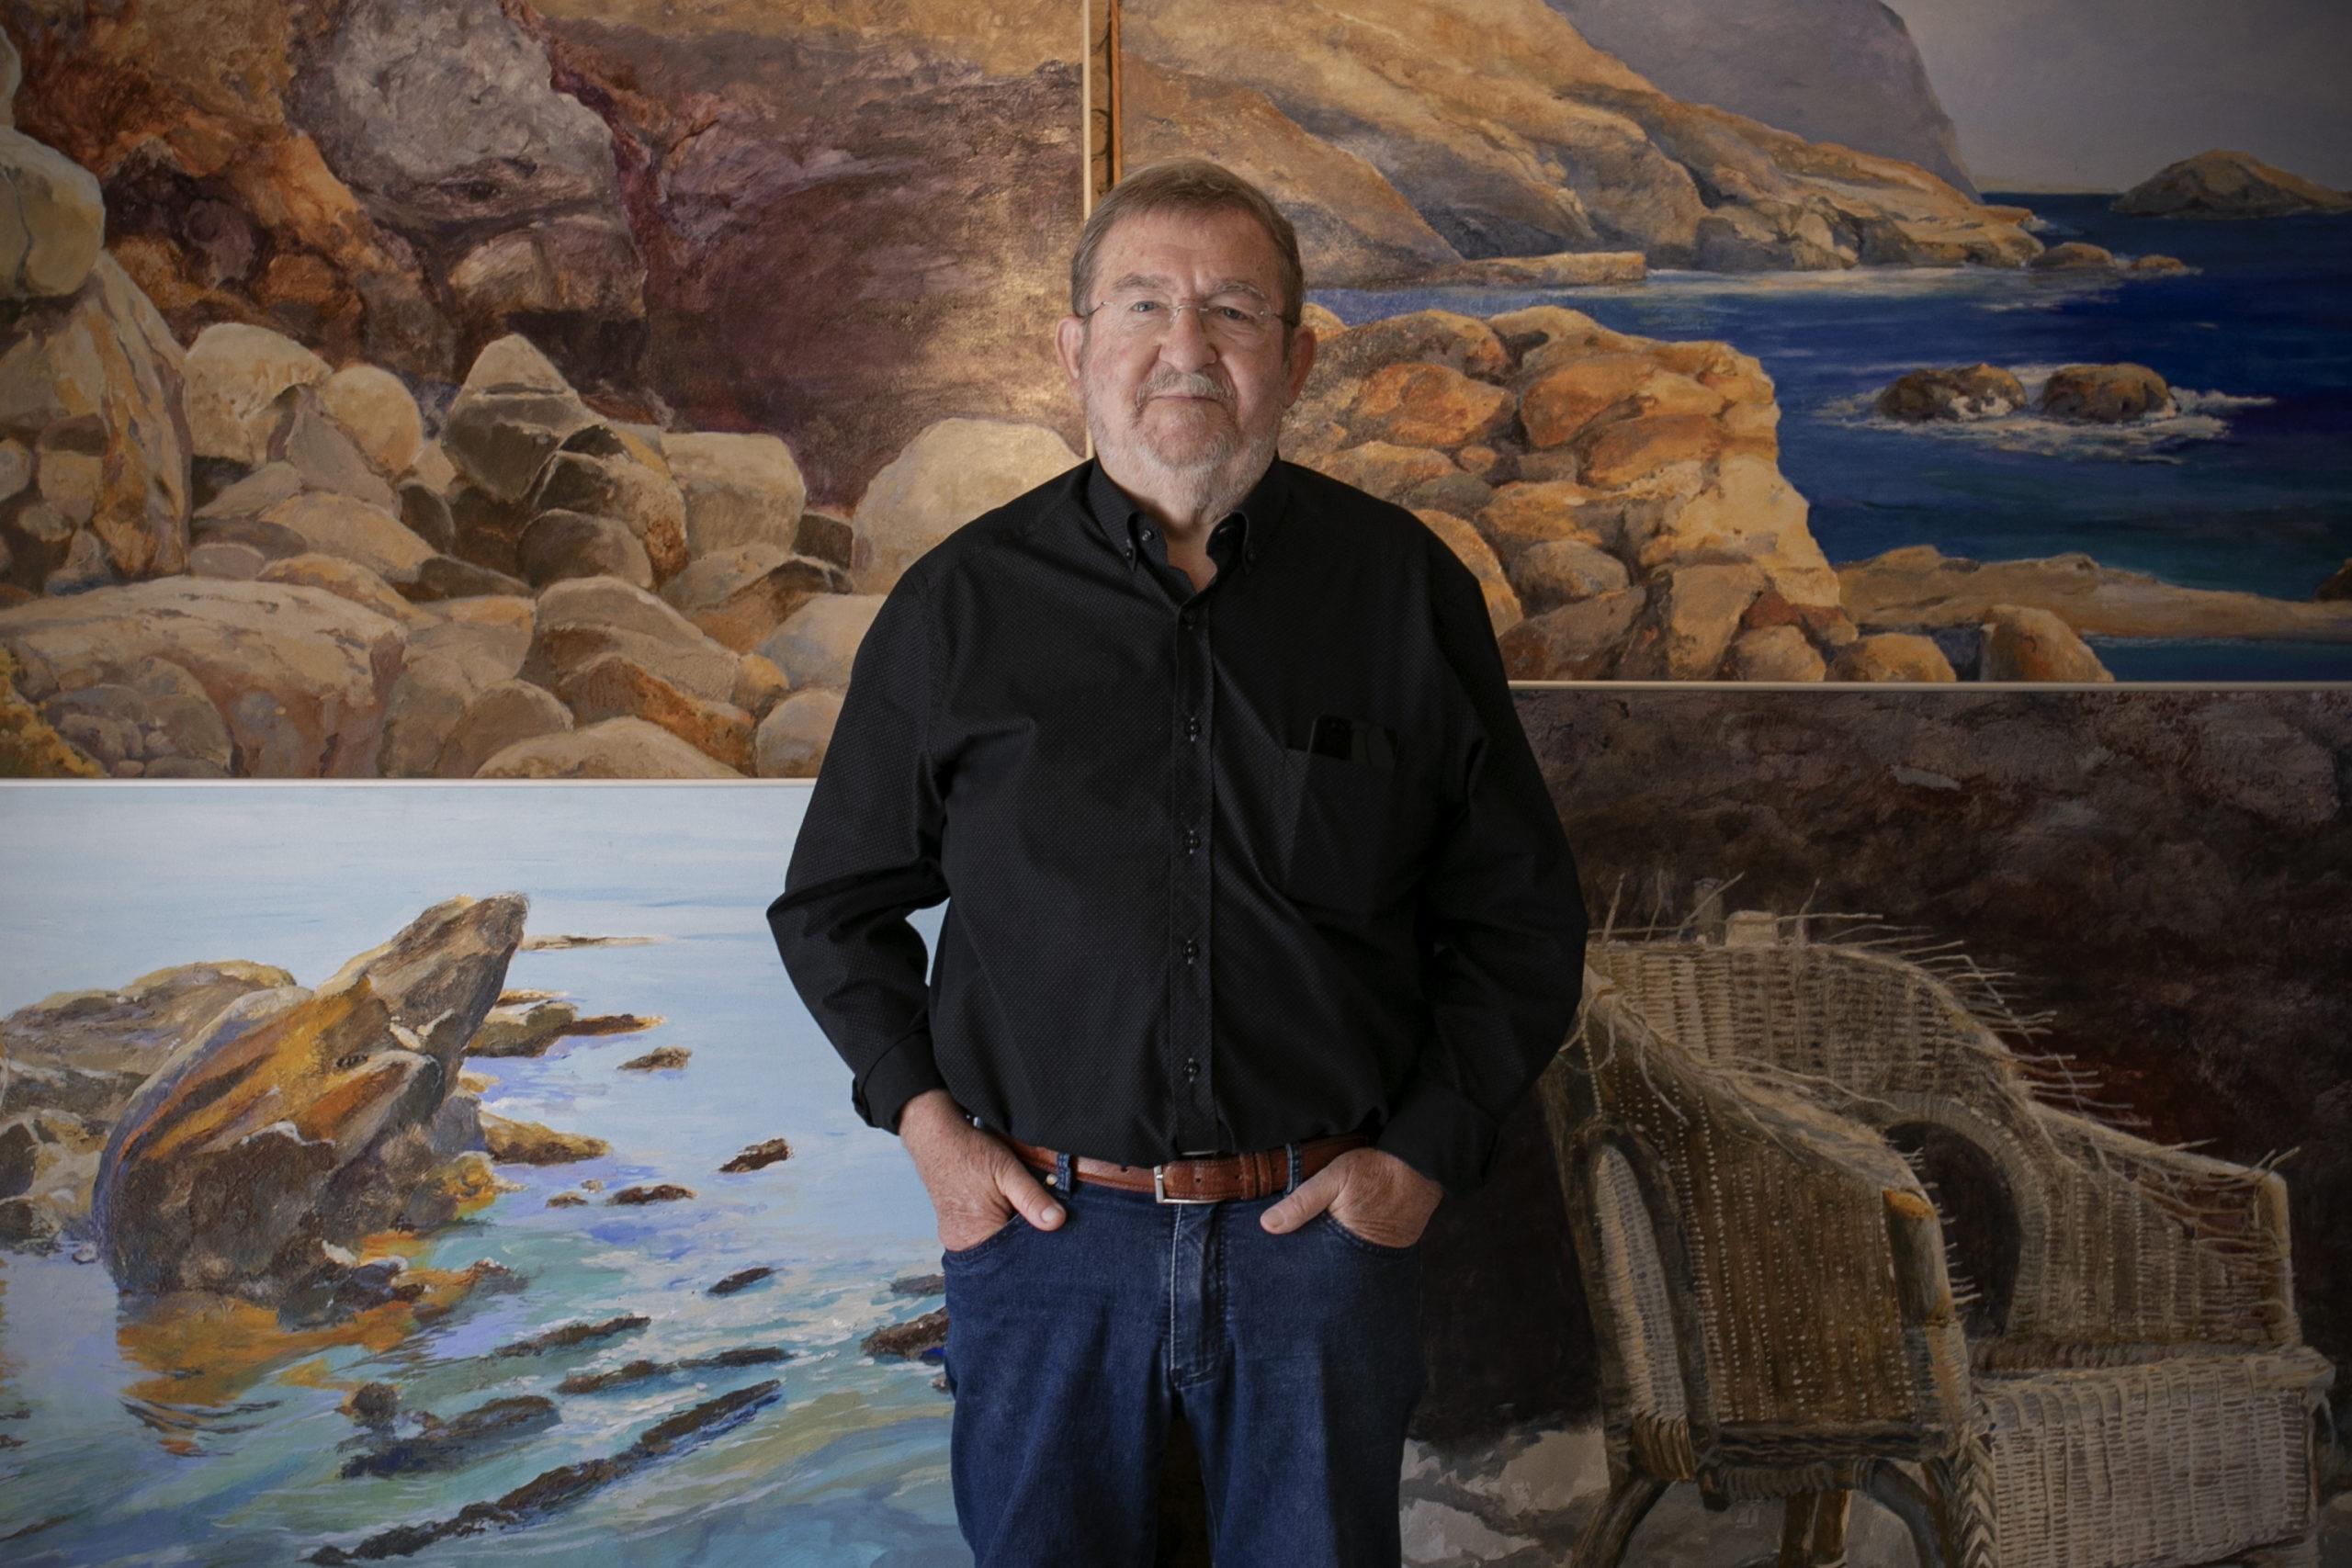 Els paisatges empordanesos de Ricard Ansón arriben a Ca l'Anita aquest estiu